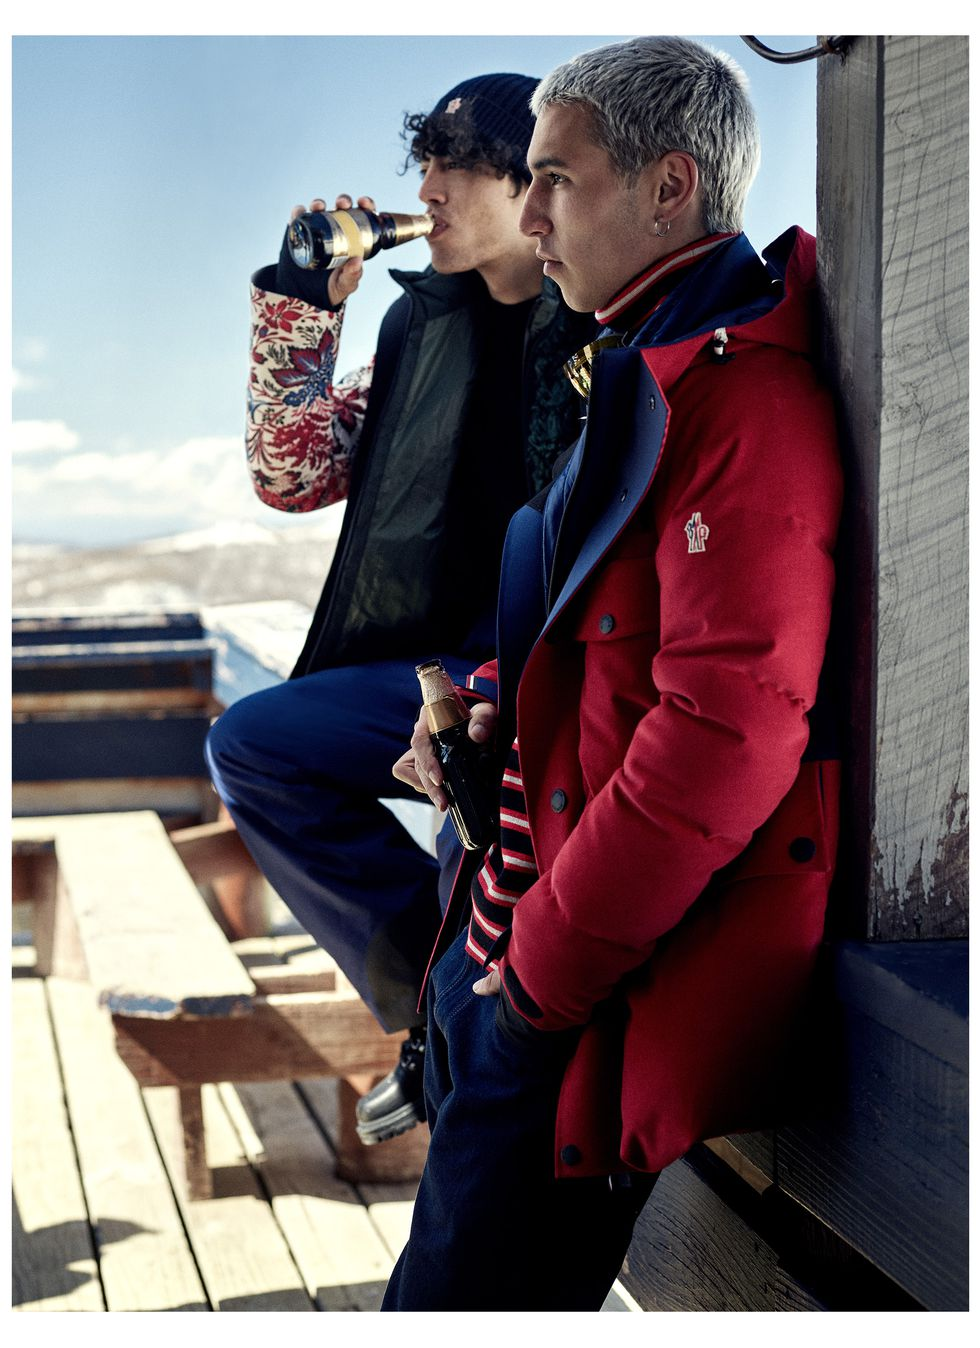 Куртка Gelt, куртка Telluride, водолазка икомбинезон, все Moncler Grenoble